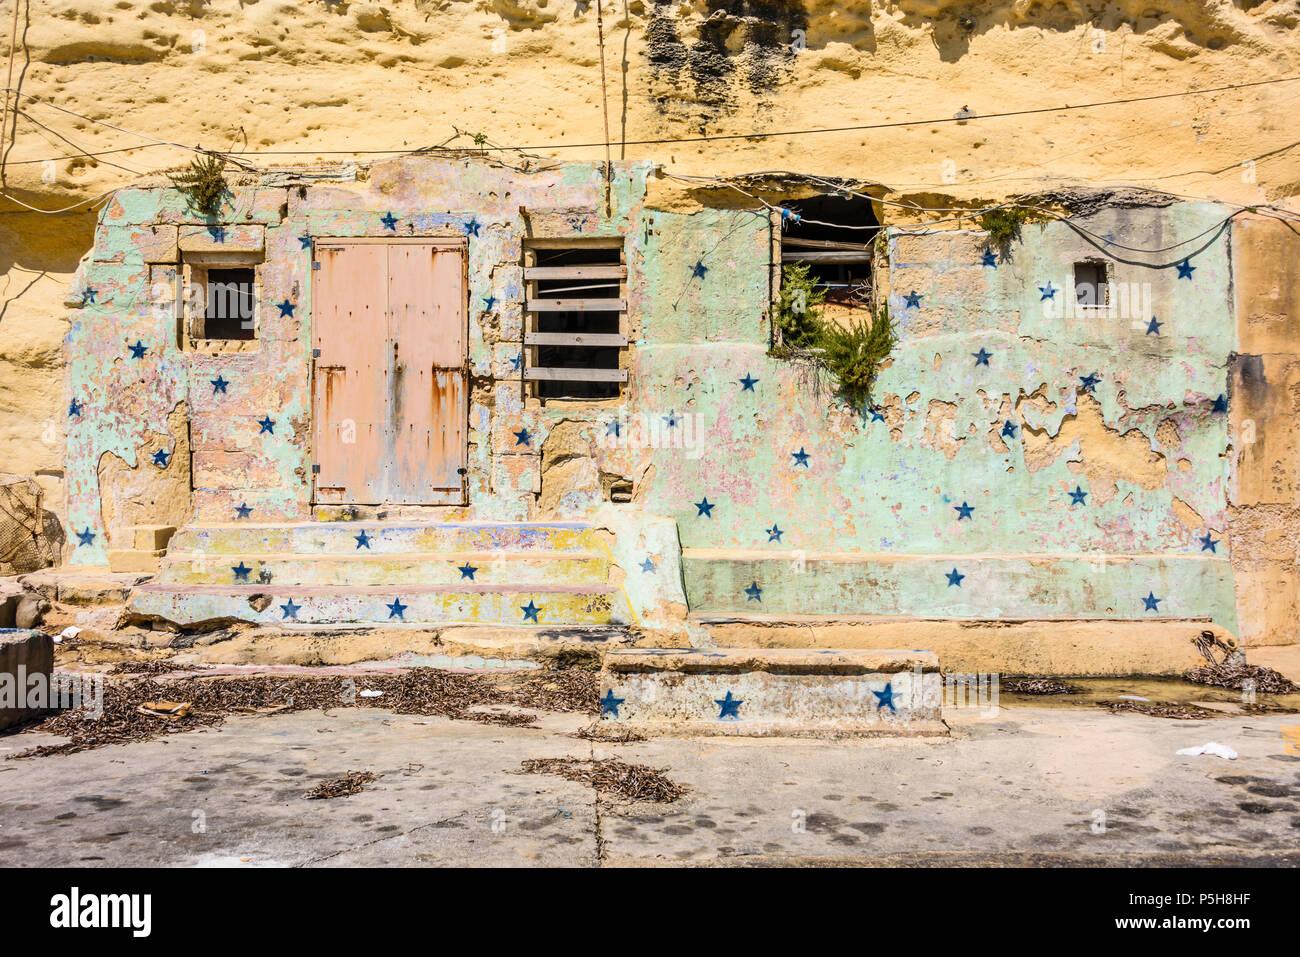 Un antico e tradizionale edificio scolpito in pietra calcarea e decorate con stelle, Gozo, Malta. Immagini Stock